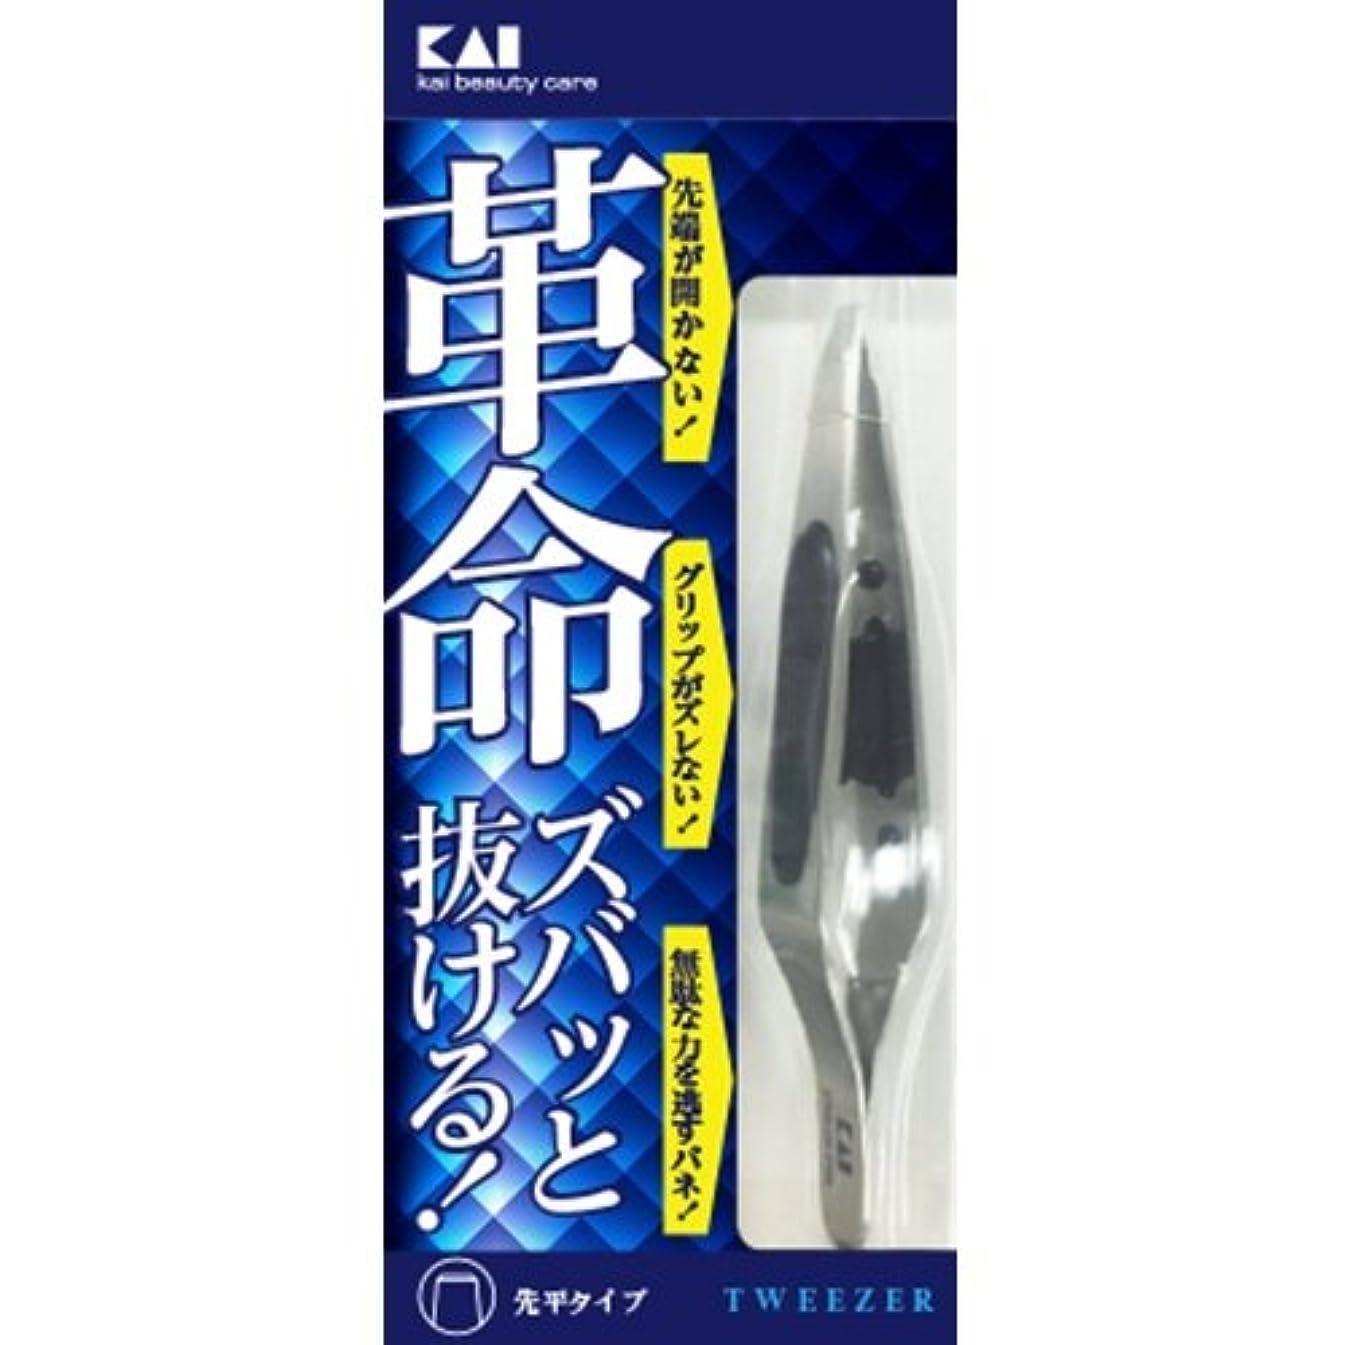 注入裂け目アラームキャッチャー毛抜き (先平 ) KQ3095